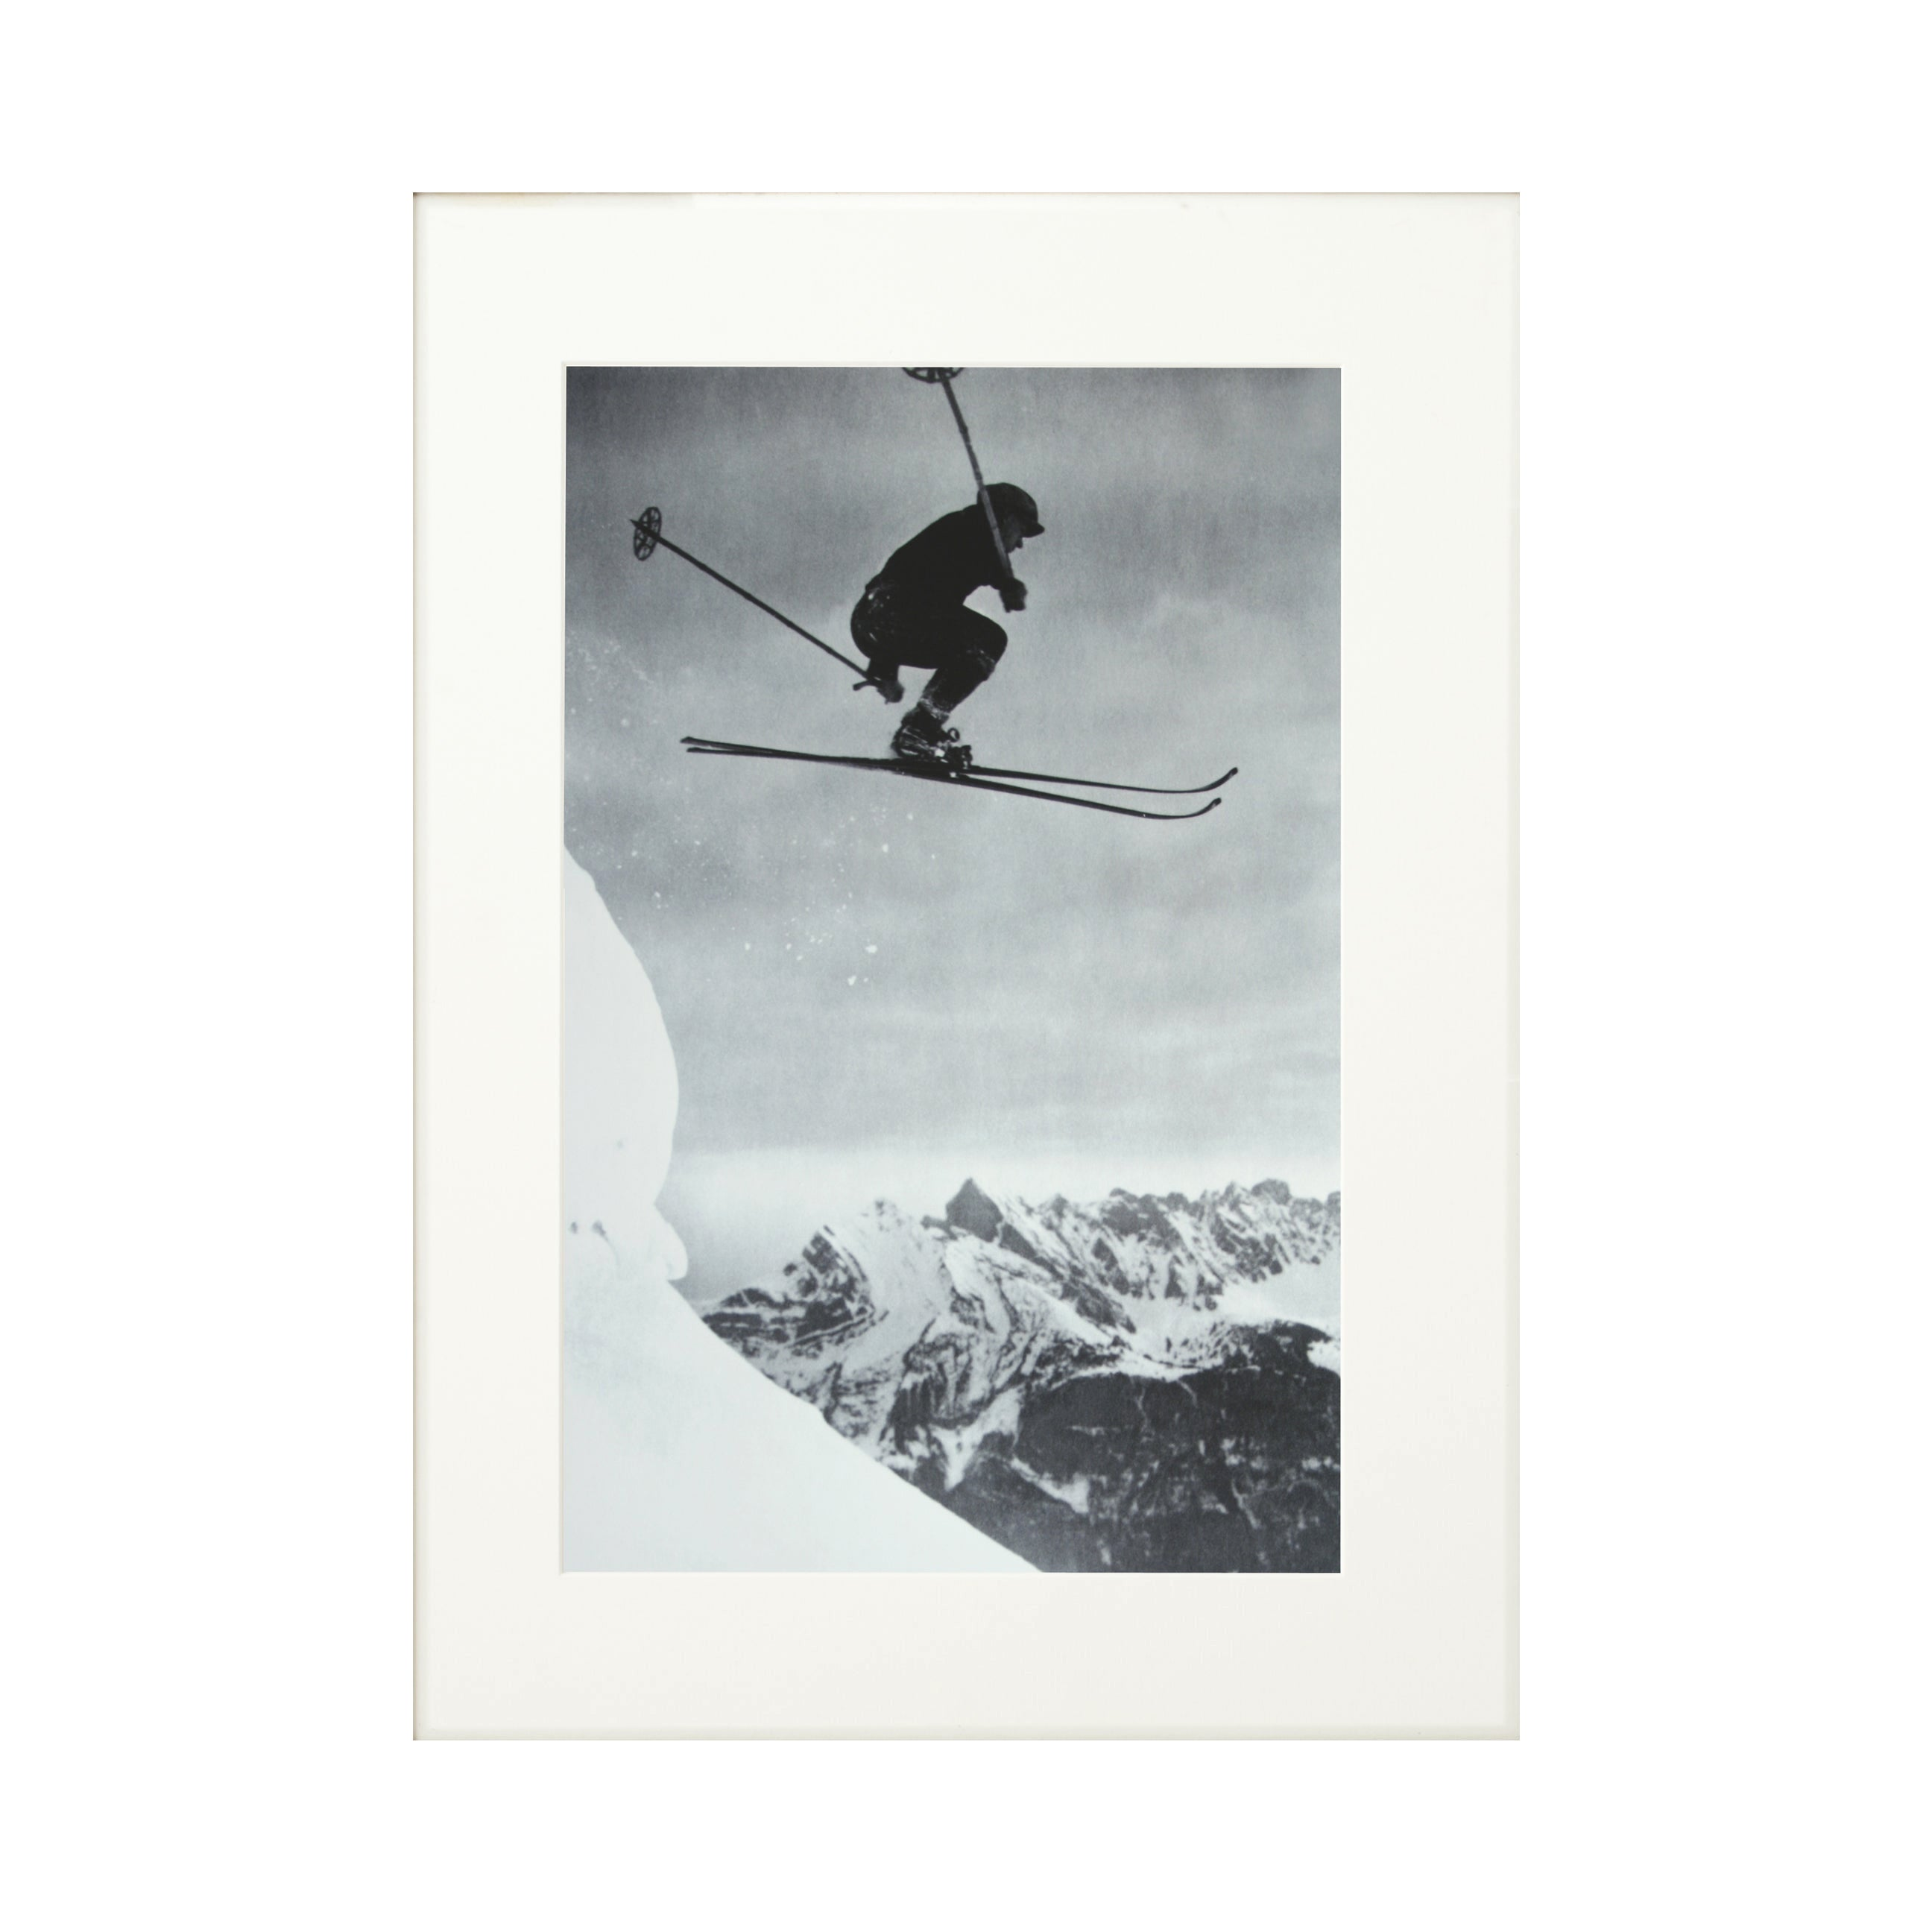 Vintage, Antique Alpine Ski Photograph, Der Sprung